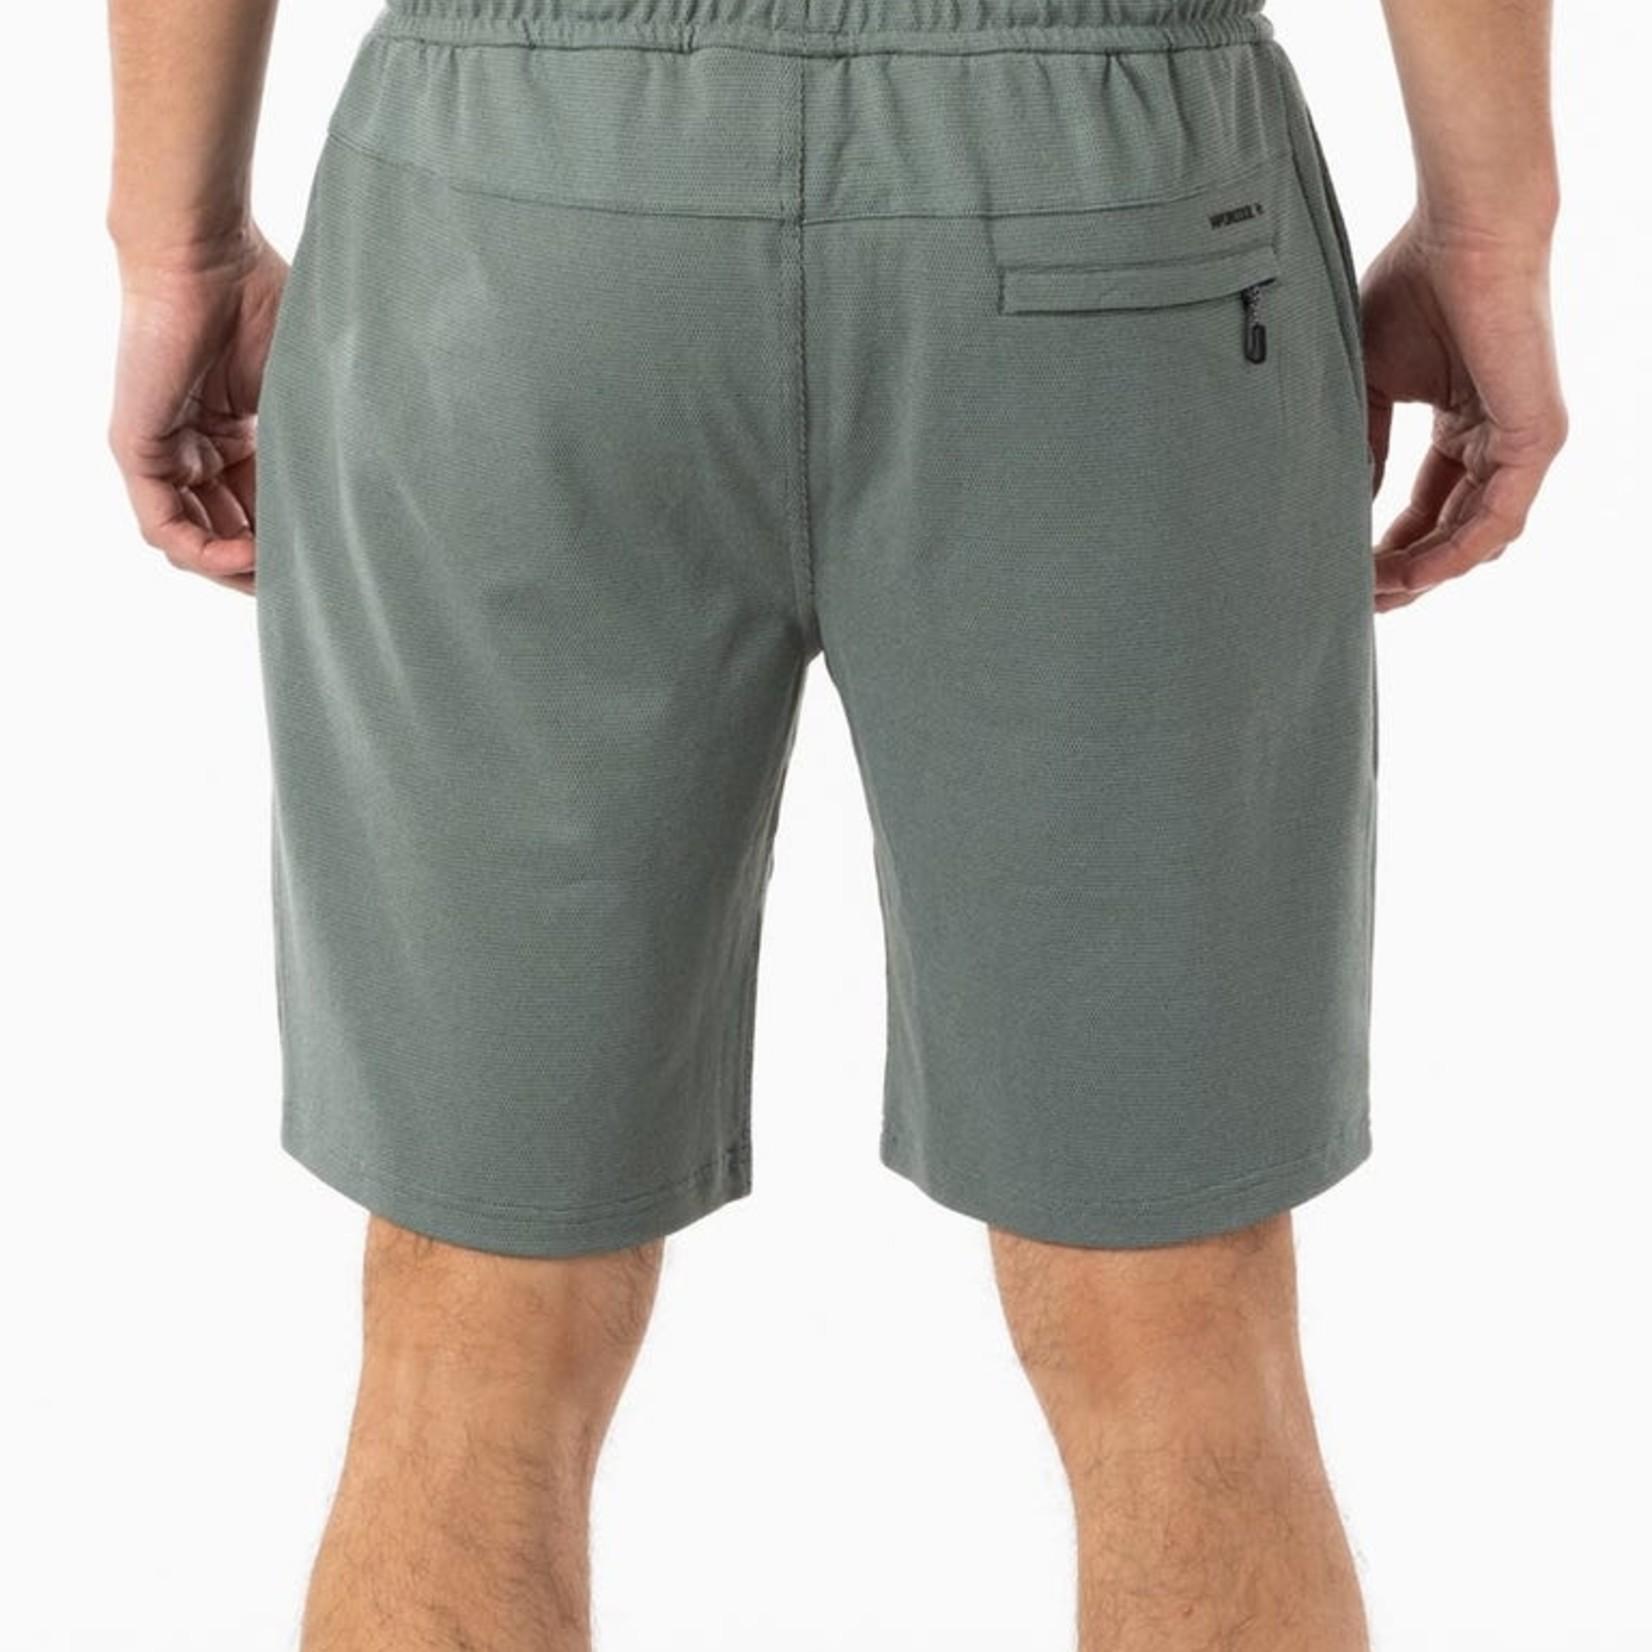 RipCurl Rip Curl VaporCool Nova Shorts